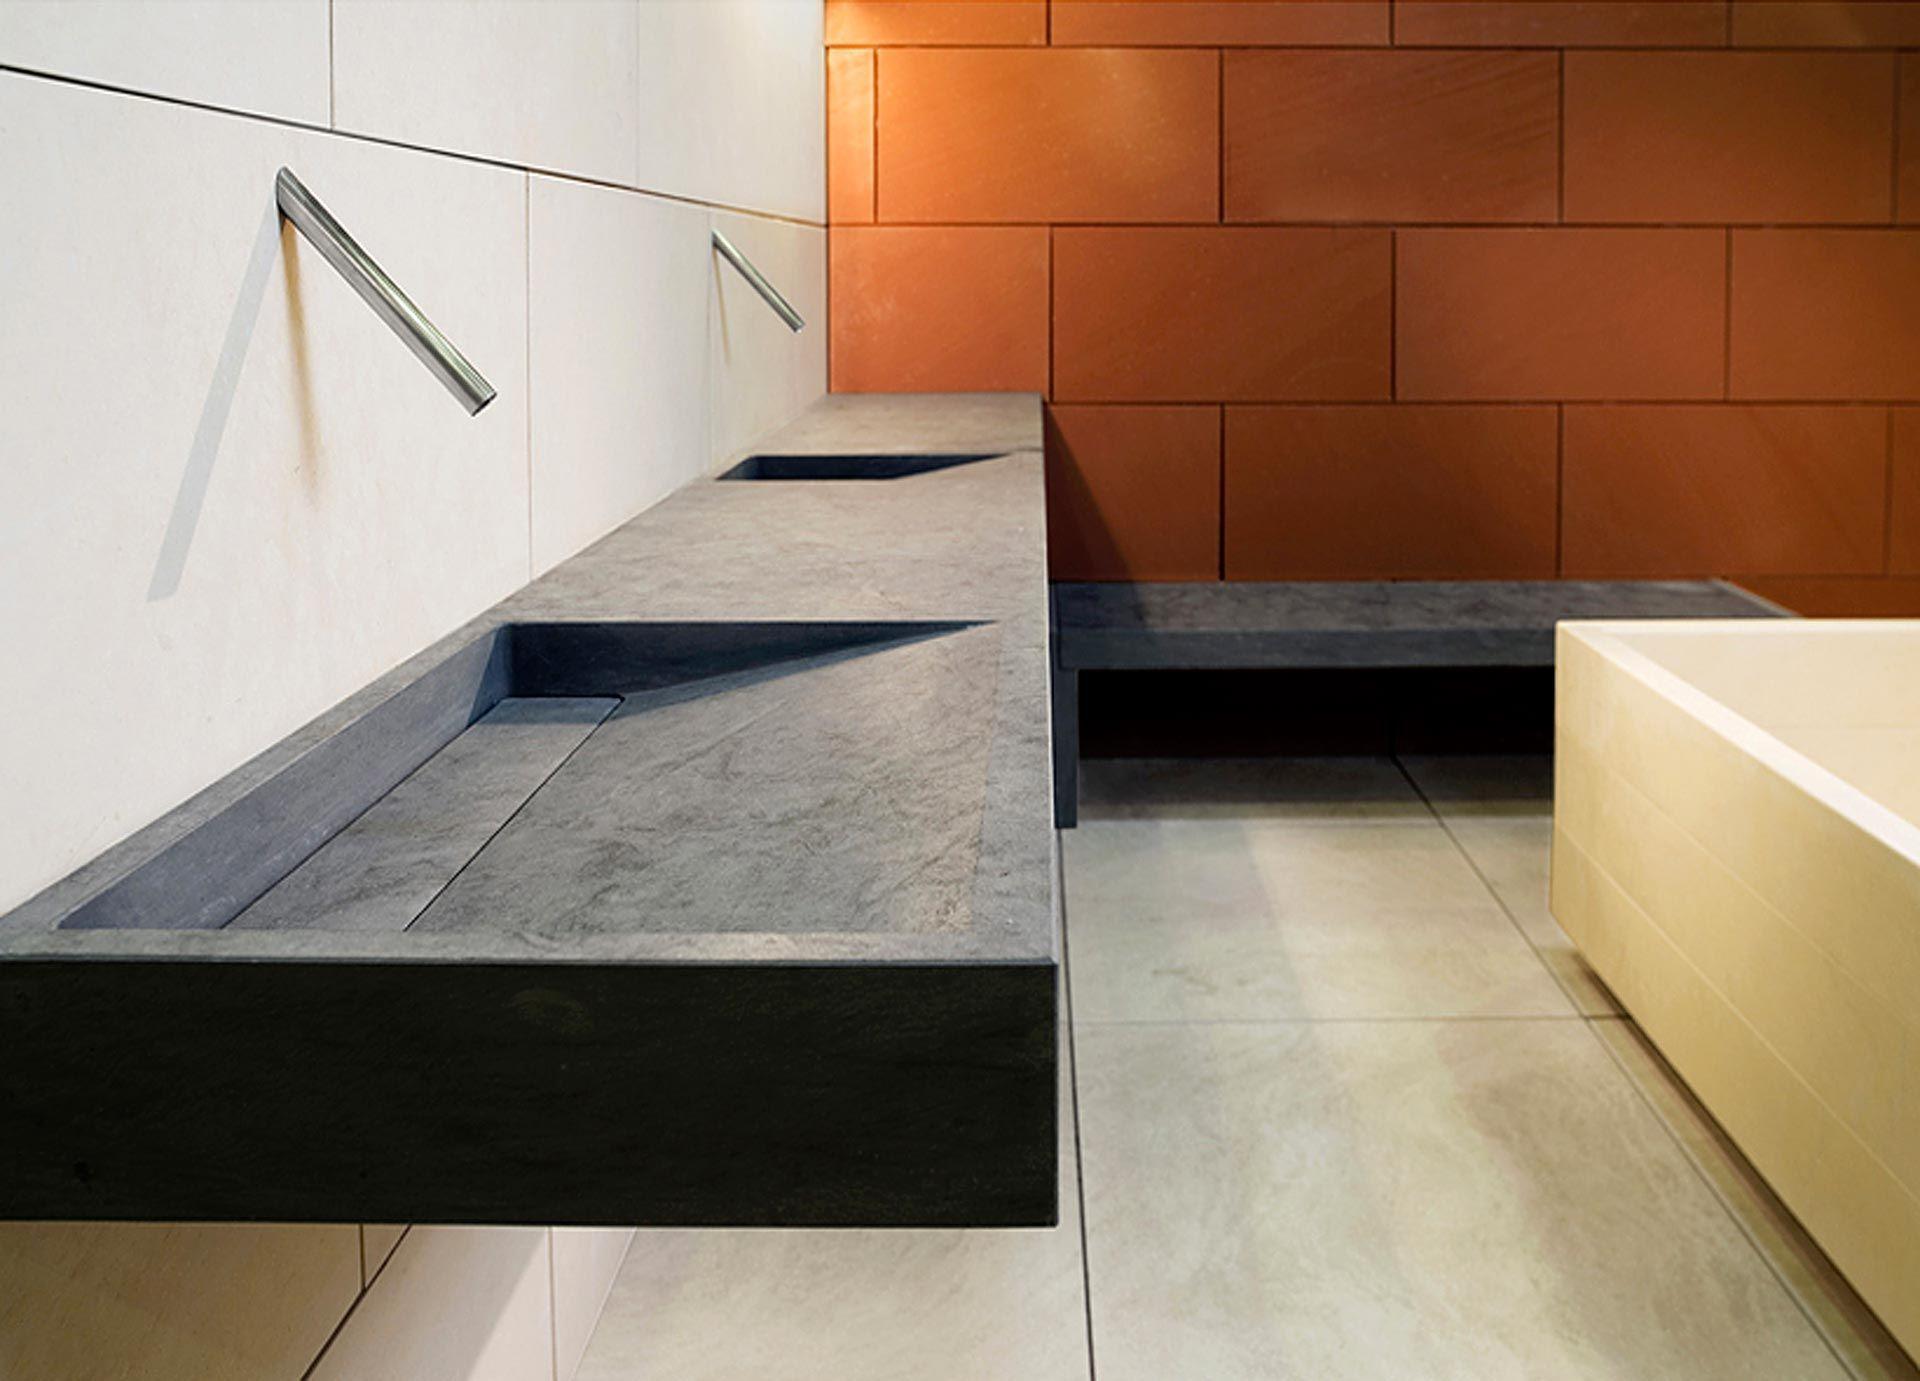 Architettura E Design Interni.Lavabo In Ardesia Architettura E Arredamento Interni Restroom